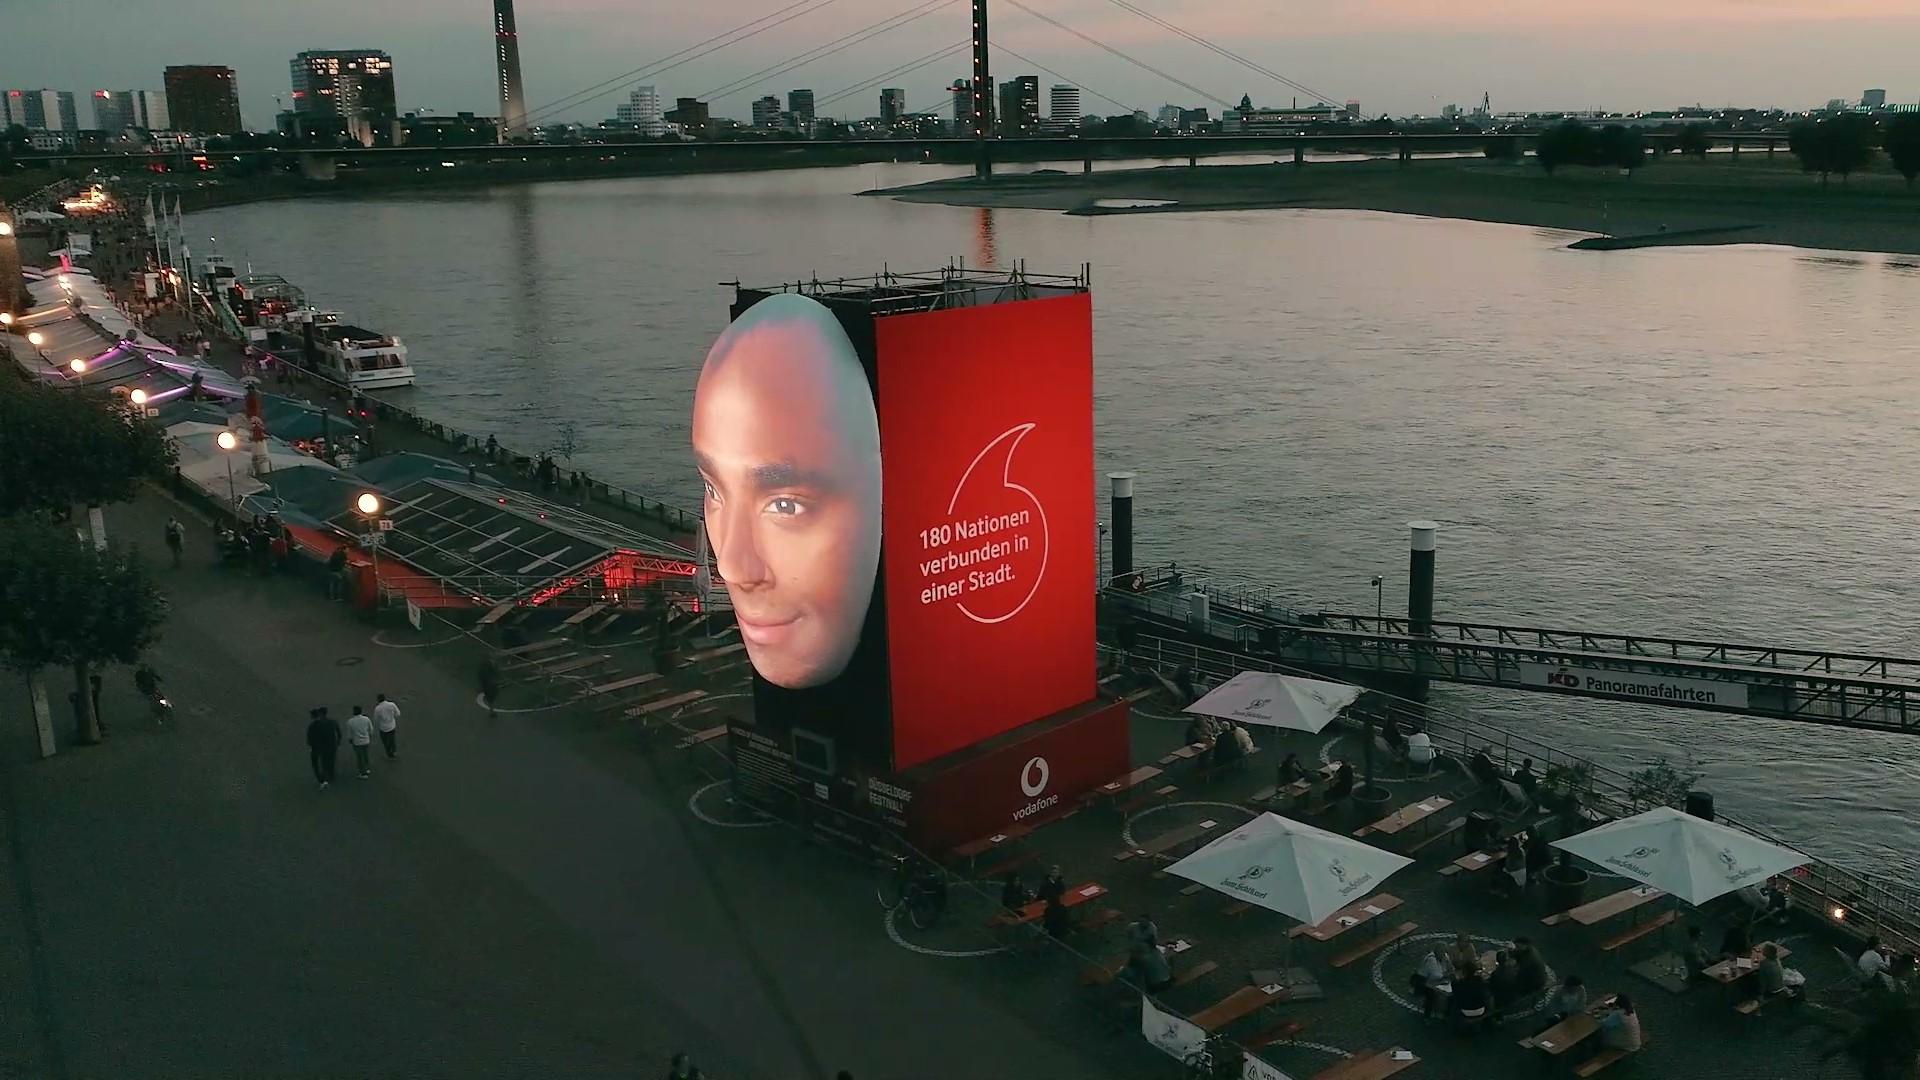 """Die Kunst-Installation """"Faces of Düsseldorf"""", zu sehen ist ein projiziertes Gesicht, daneben eine LED-Animation. Im Hintergrund ist der Rhein zu sehen."""